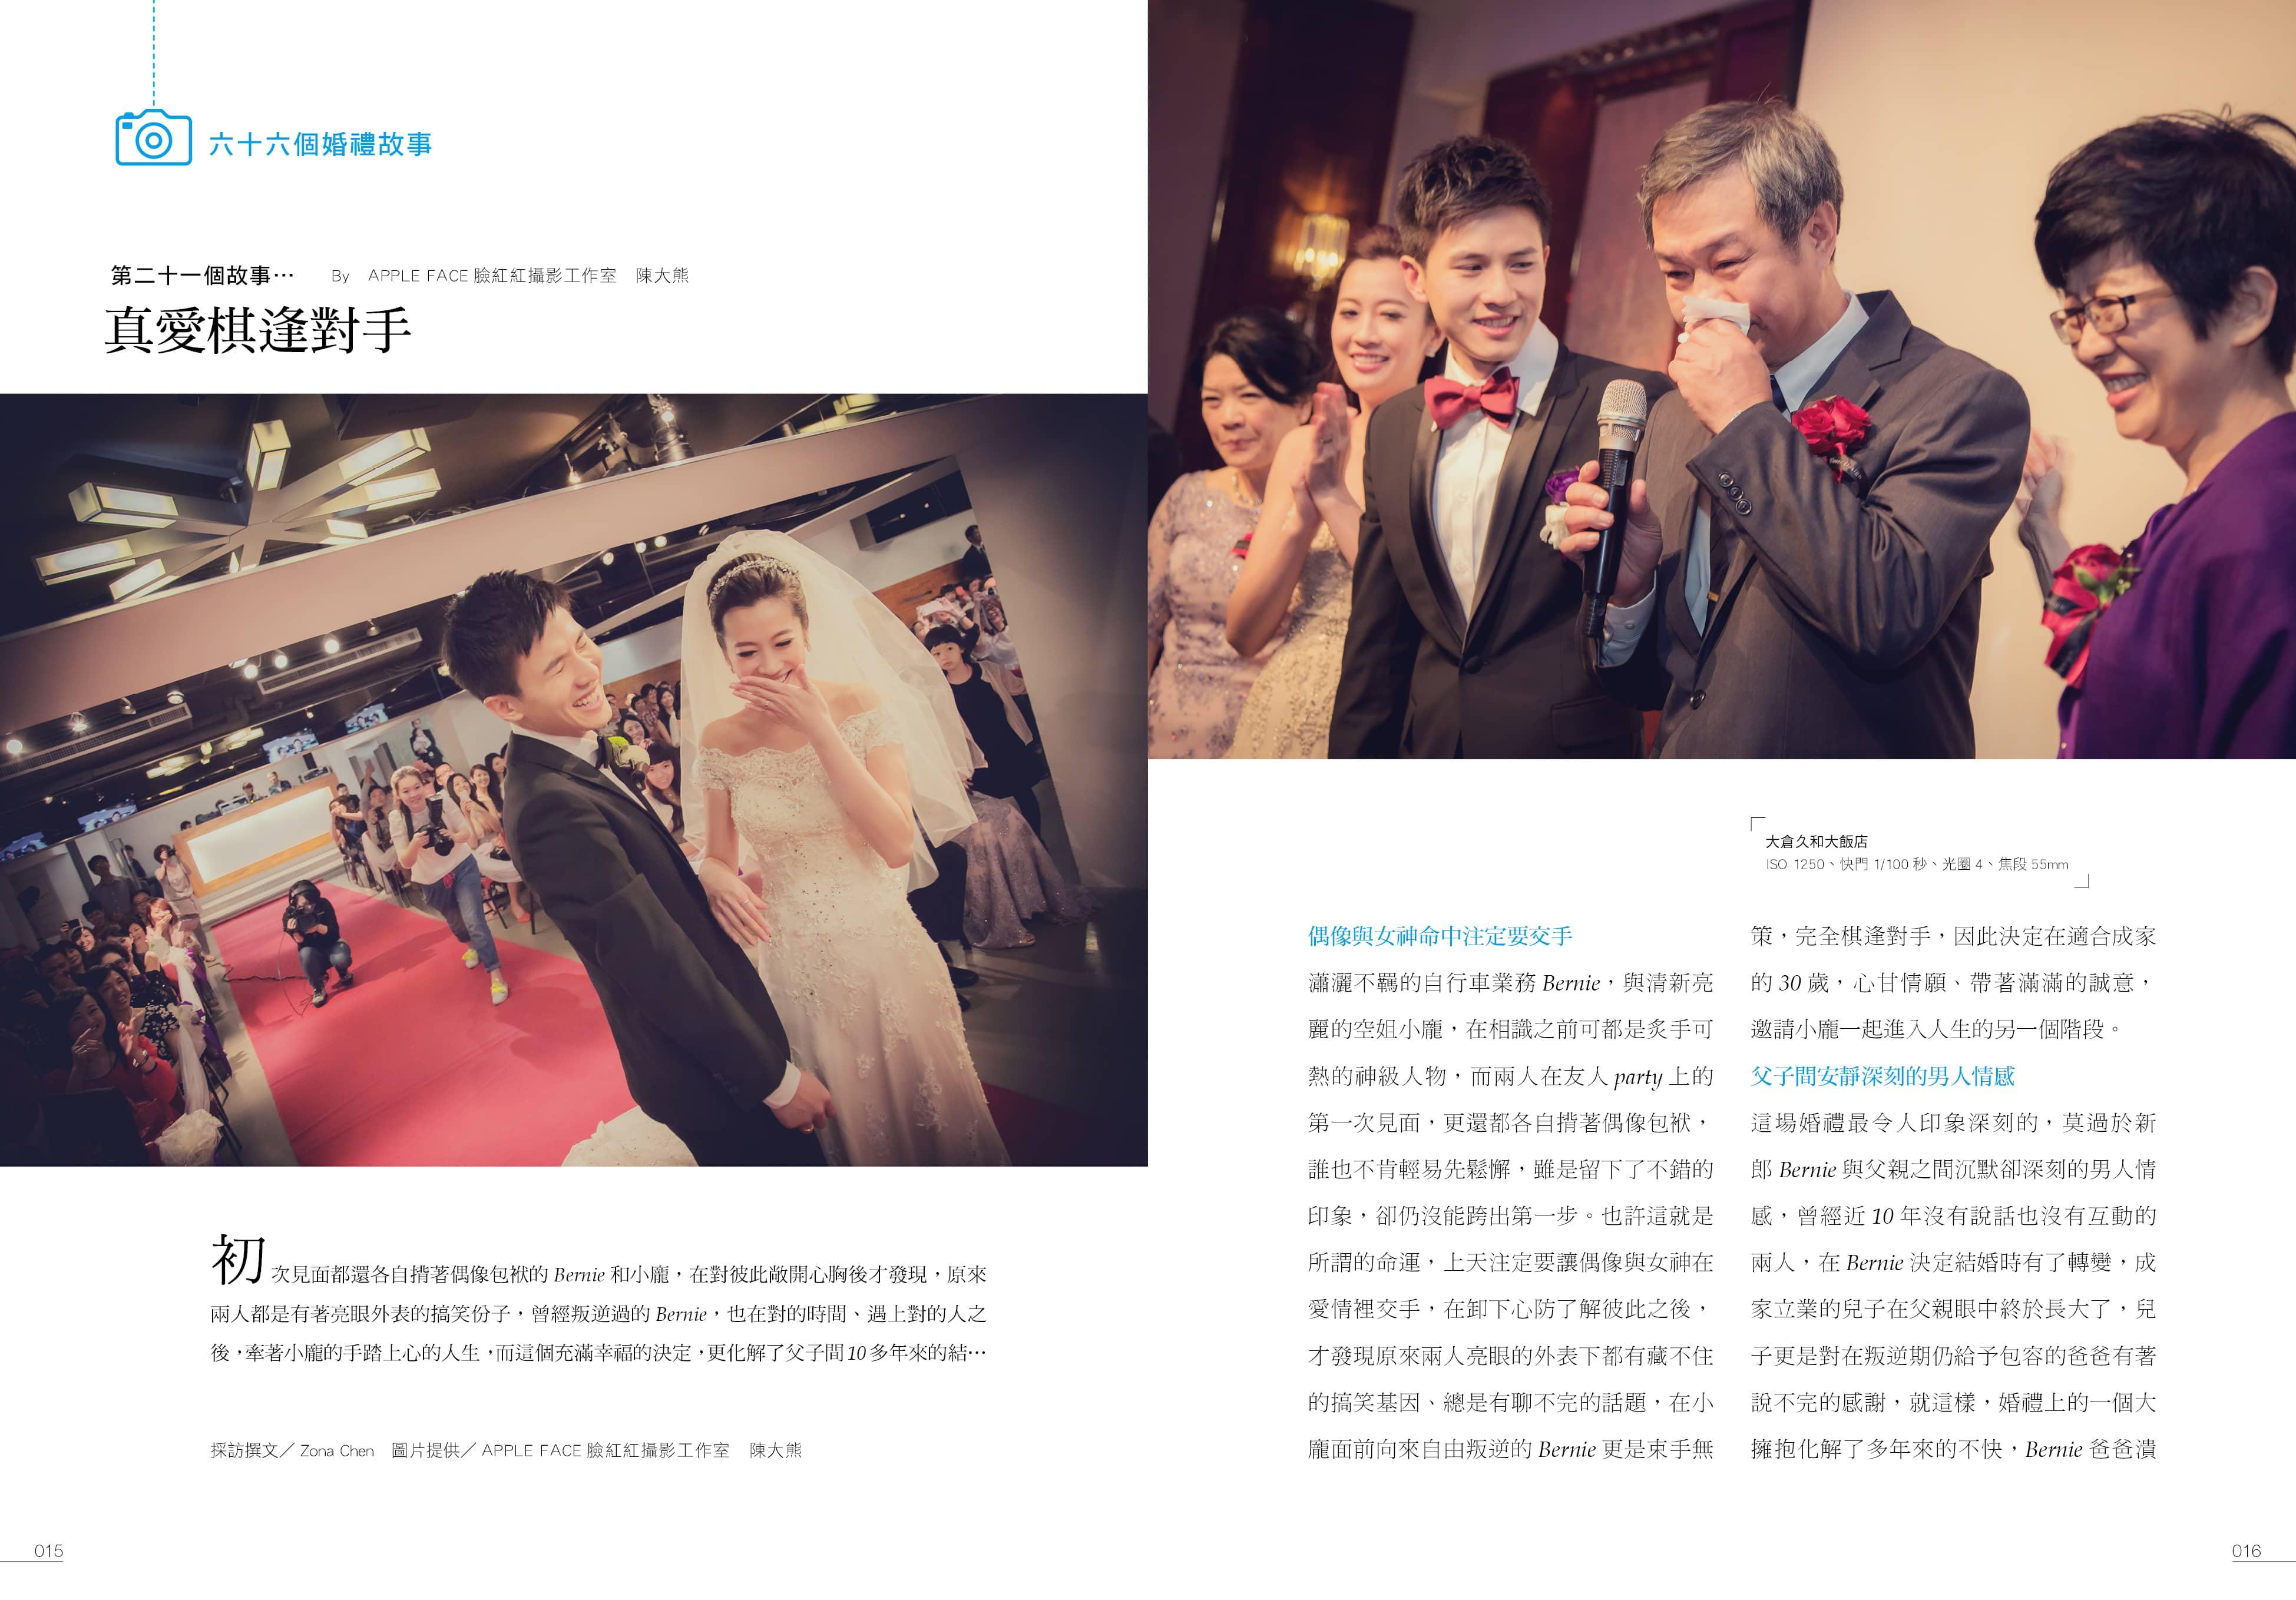 大倉久和, 婚禮攝影,婚攝,台北婚攝,海外婚禮攝影,婚攝推薦,風雲20攝影師,大倉久和婚宴,婚攝團隊,海外婚紗,